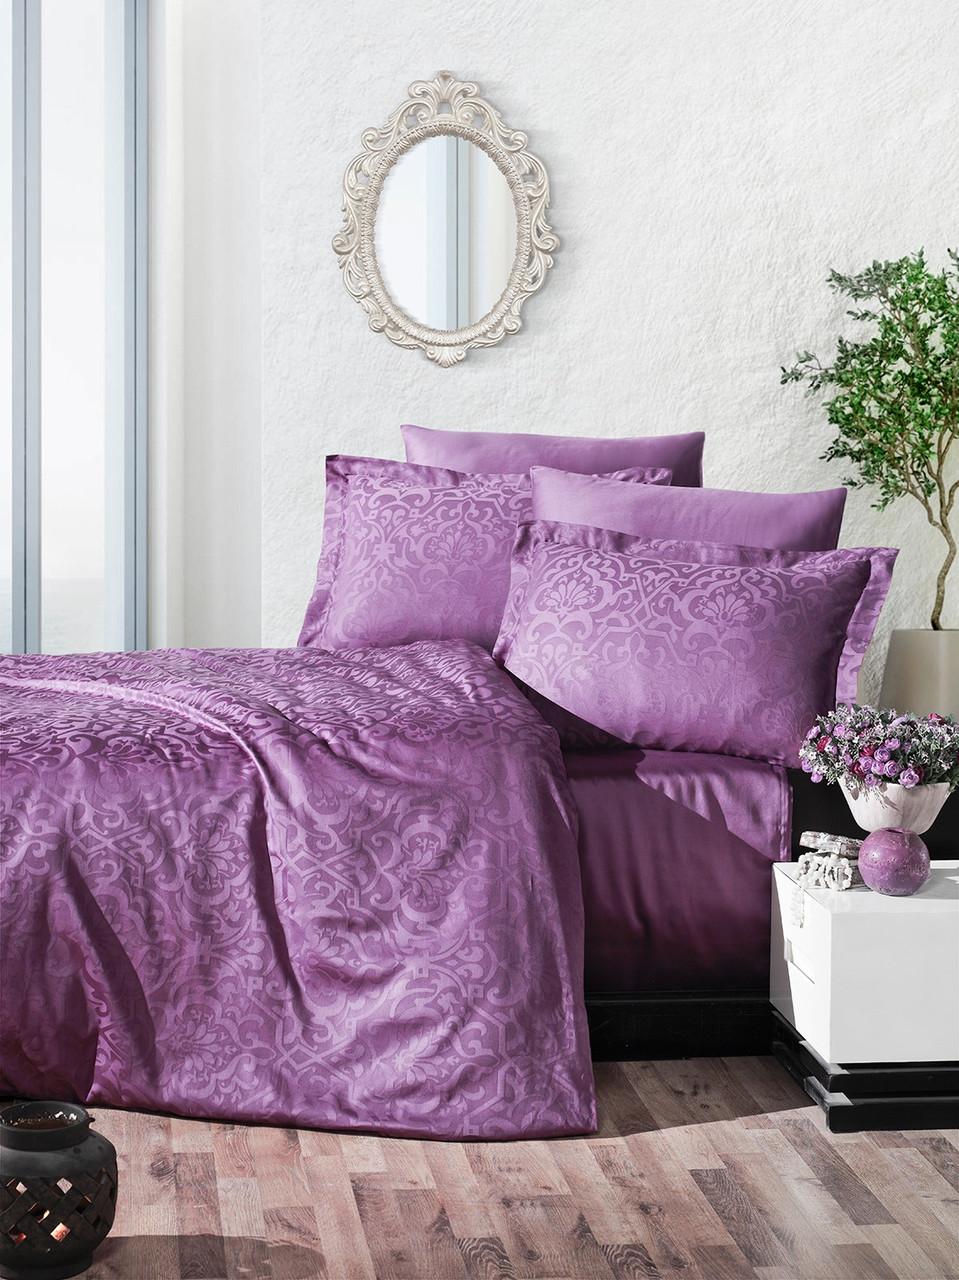 Комплект постельного белья Ecosse VIP сатин жаккард 200х220 Damask Murdum